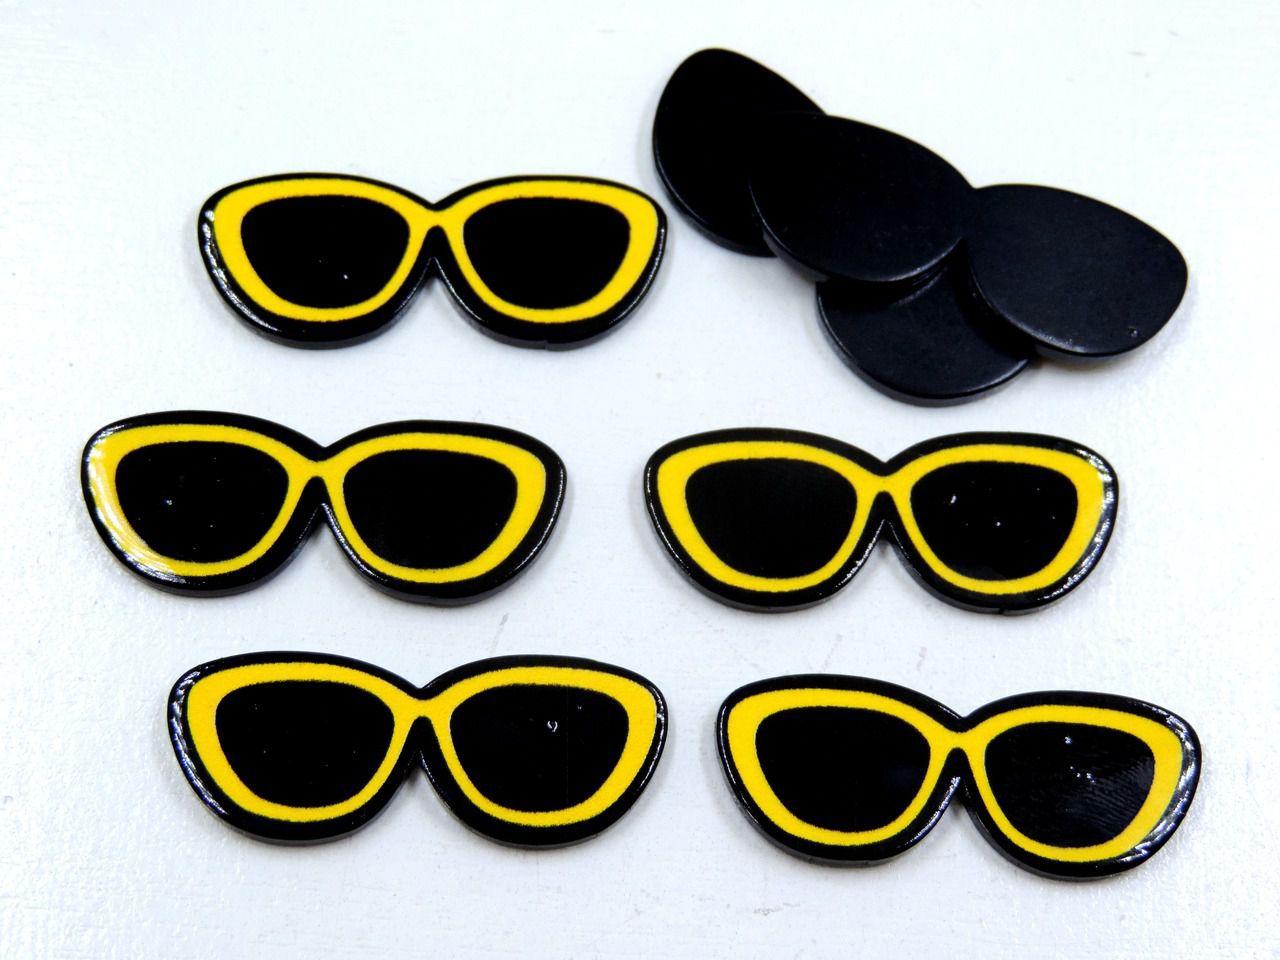 aplique óculos de sol 1,4x3,5cm para artesanatos 5 unidades